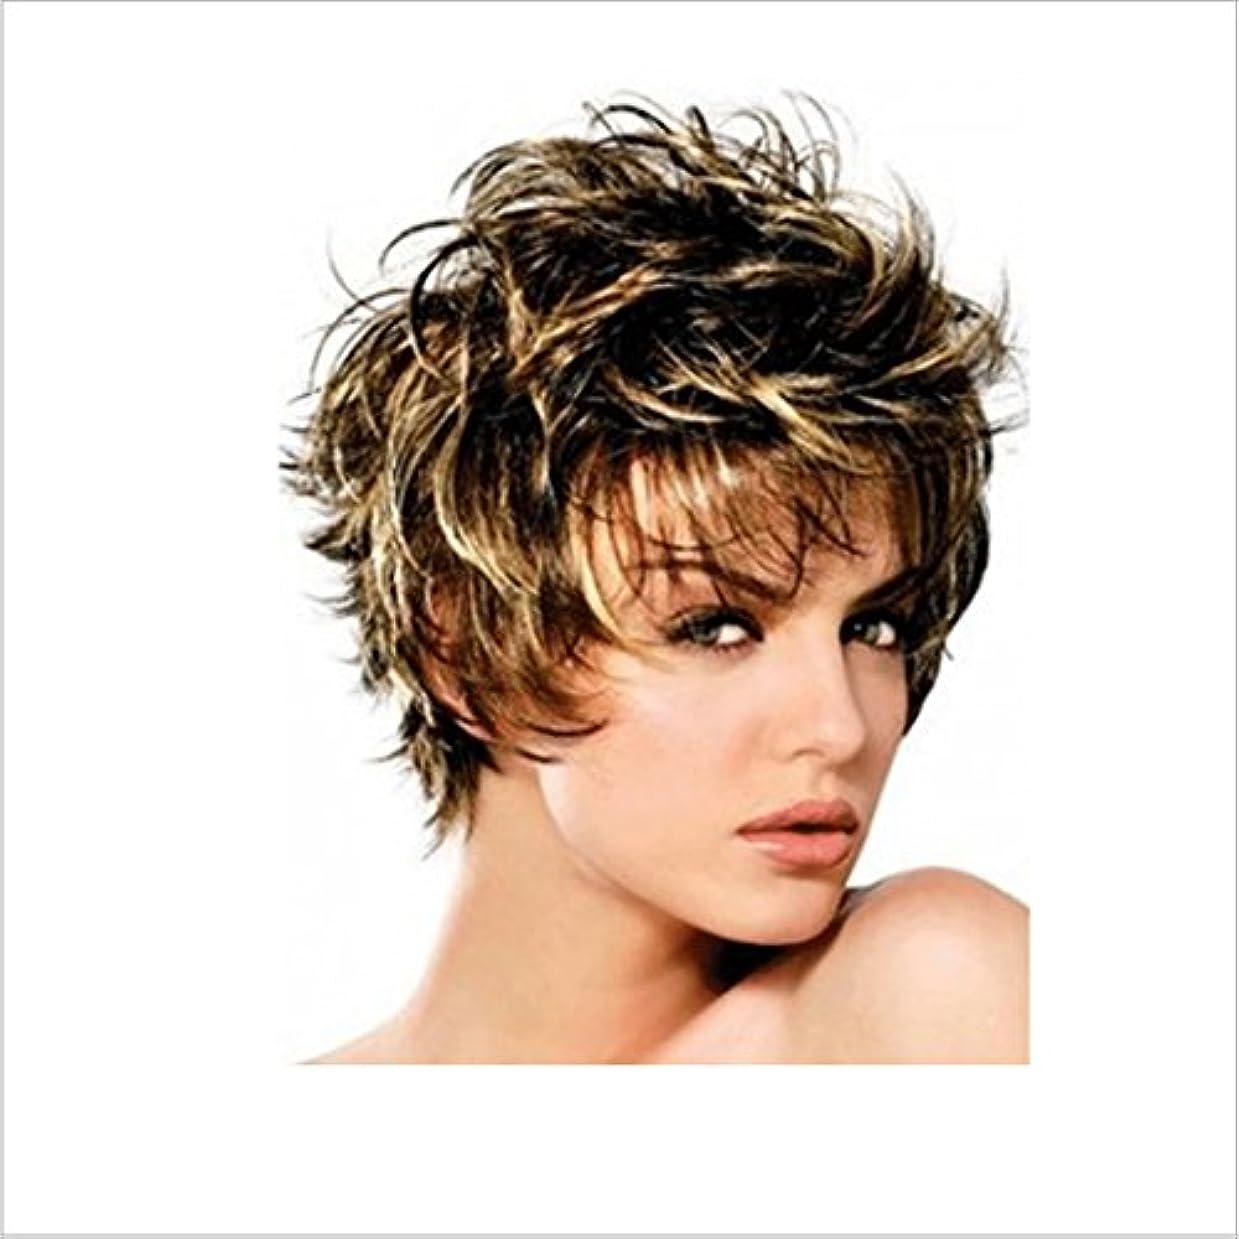 ソファードレス精査かつら ボボかつら女性用耐熱ウィッグ12インチ/ 9インチ短いテクスチャ部分的なかつら部分的なかつら前髪かつらファッションかつら (色 : Inter-color gold brown silver)